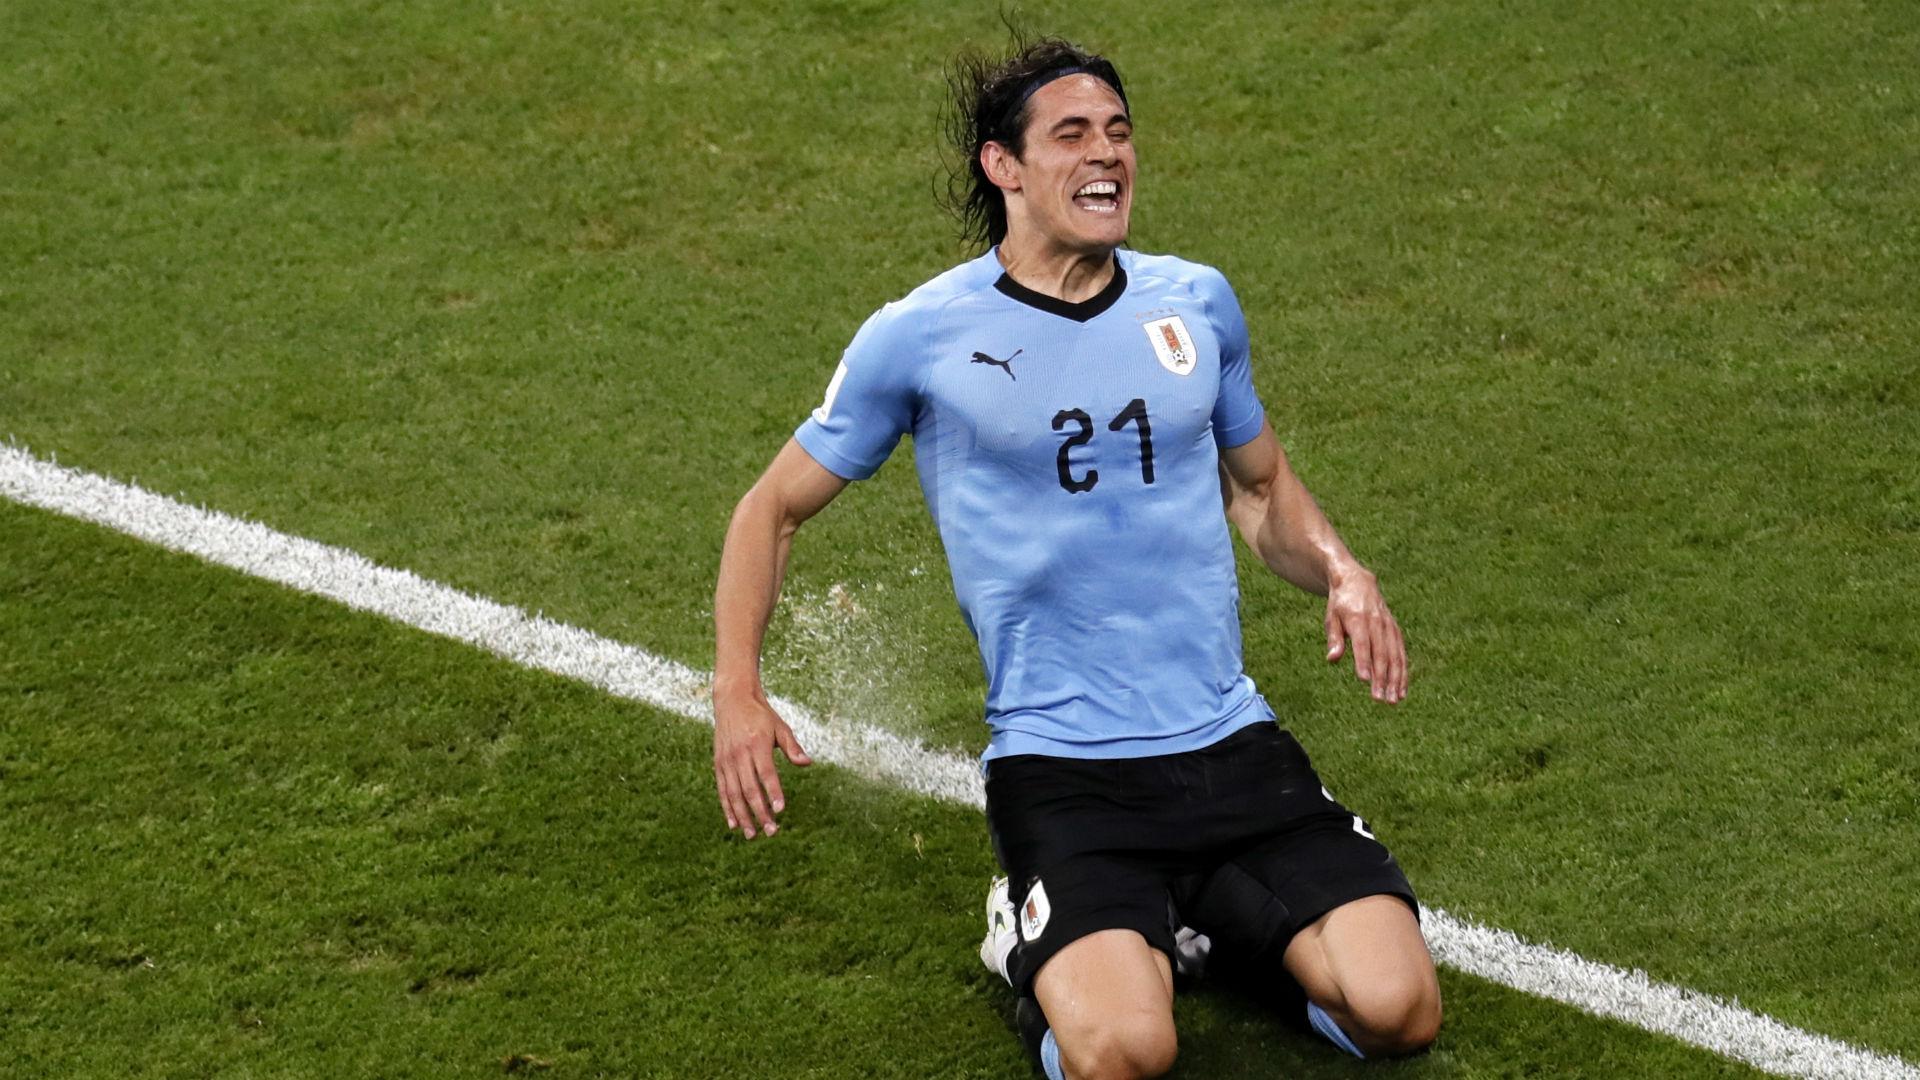 081000d84 Rosja 2018: Edinson Cavani zapewnia Urugwajowi ćwierćfinał. Portugalia  odpada z mundialu - Rosja 2018 - polskieradio.pl